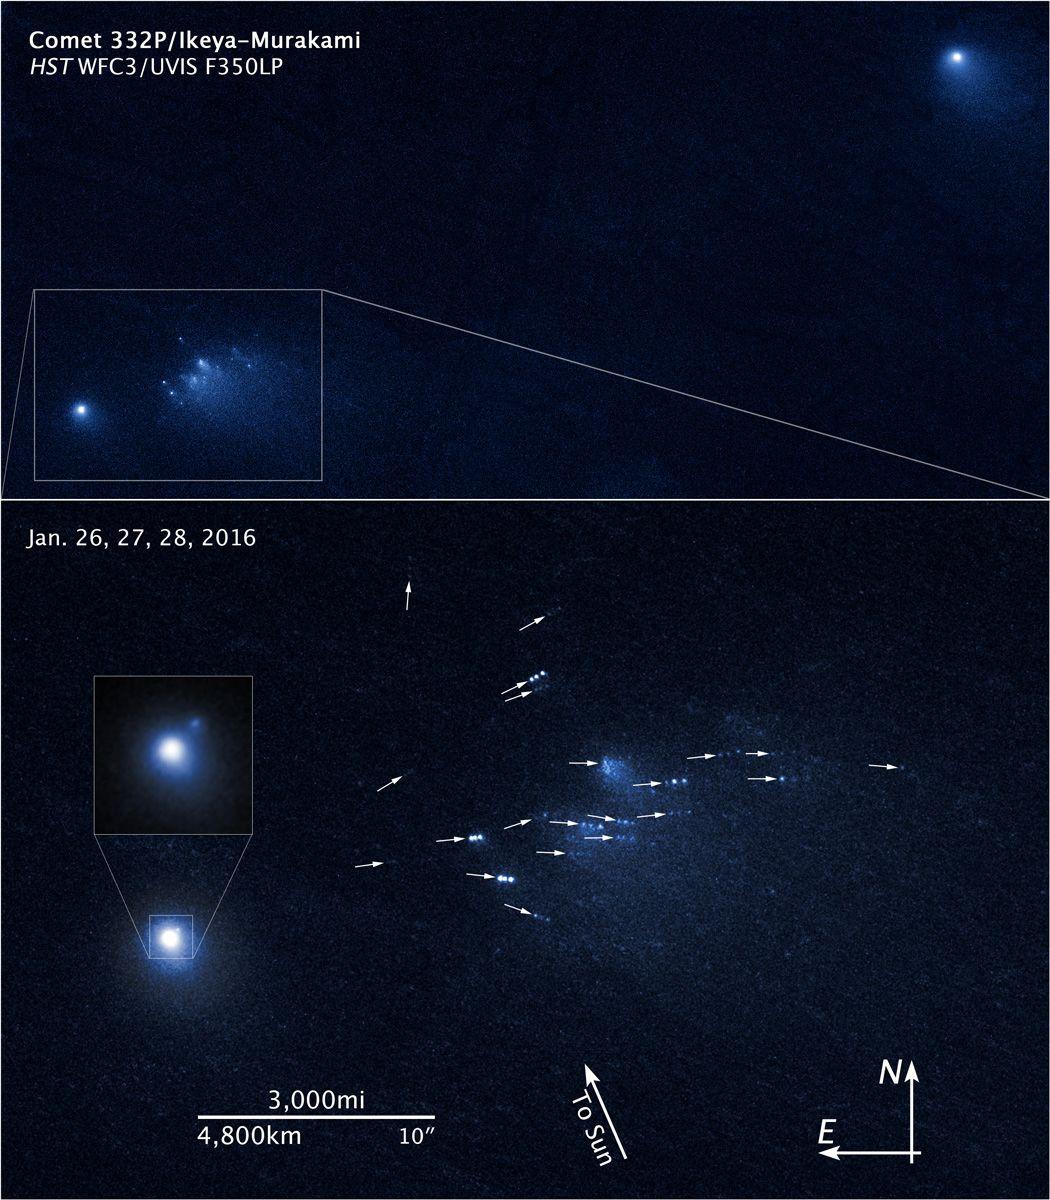 A disintegrating comet